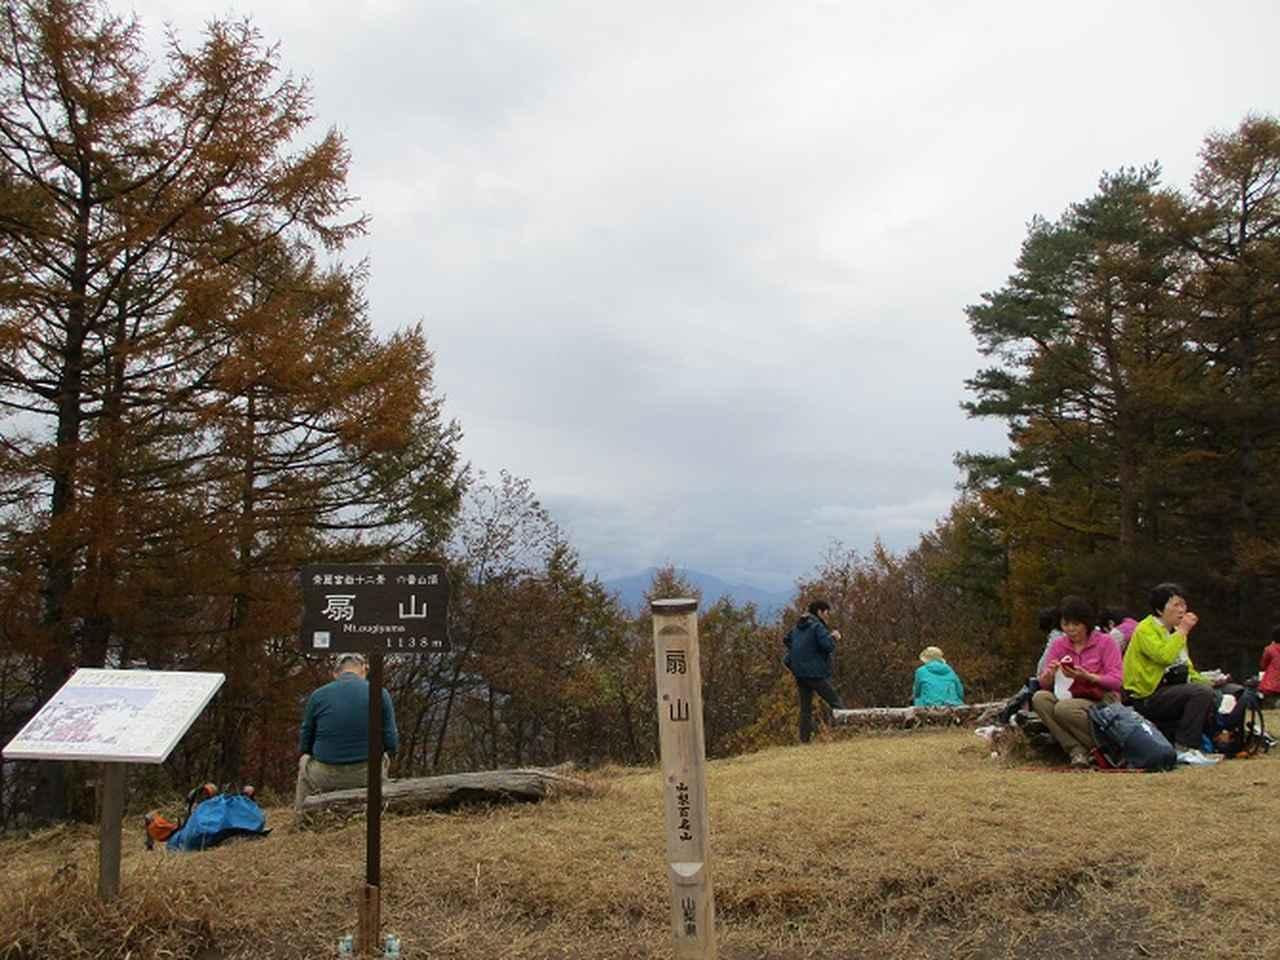 画像6: 【山旅会・登山ガイドこだわりツアー】添乗員からの便り・扇山ツアーにいってまいりました!